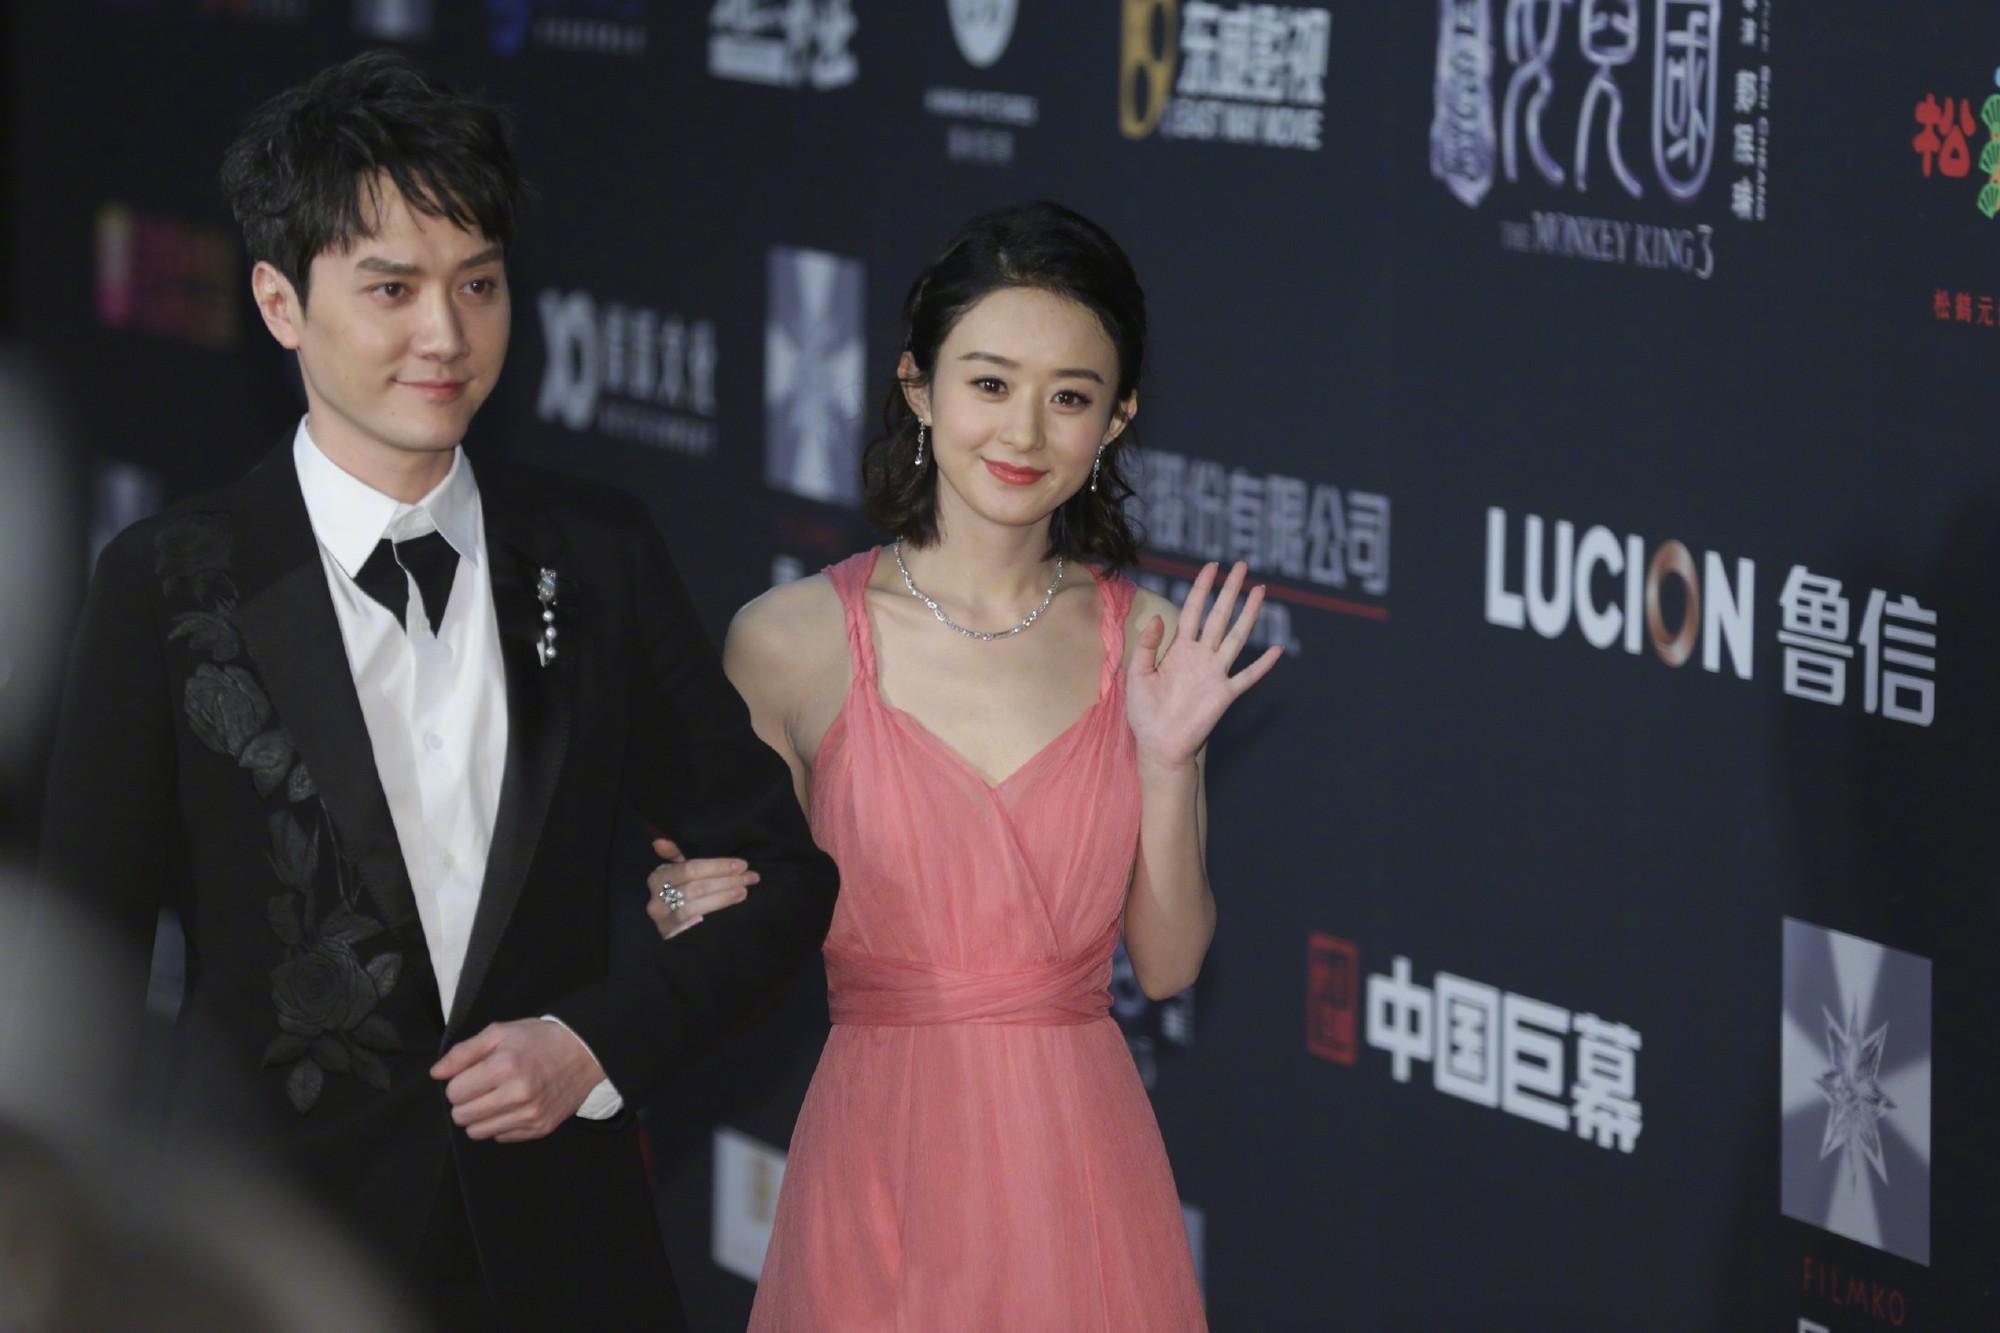 Phùng Thiệu Phong - Triệu Lệ Dĩnh sẽ kết hôn vì đã mang thai - Ảnh 6.